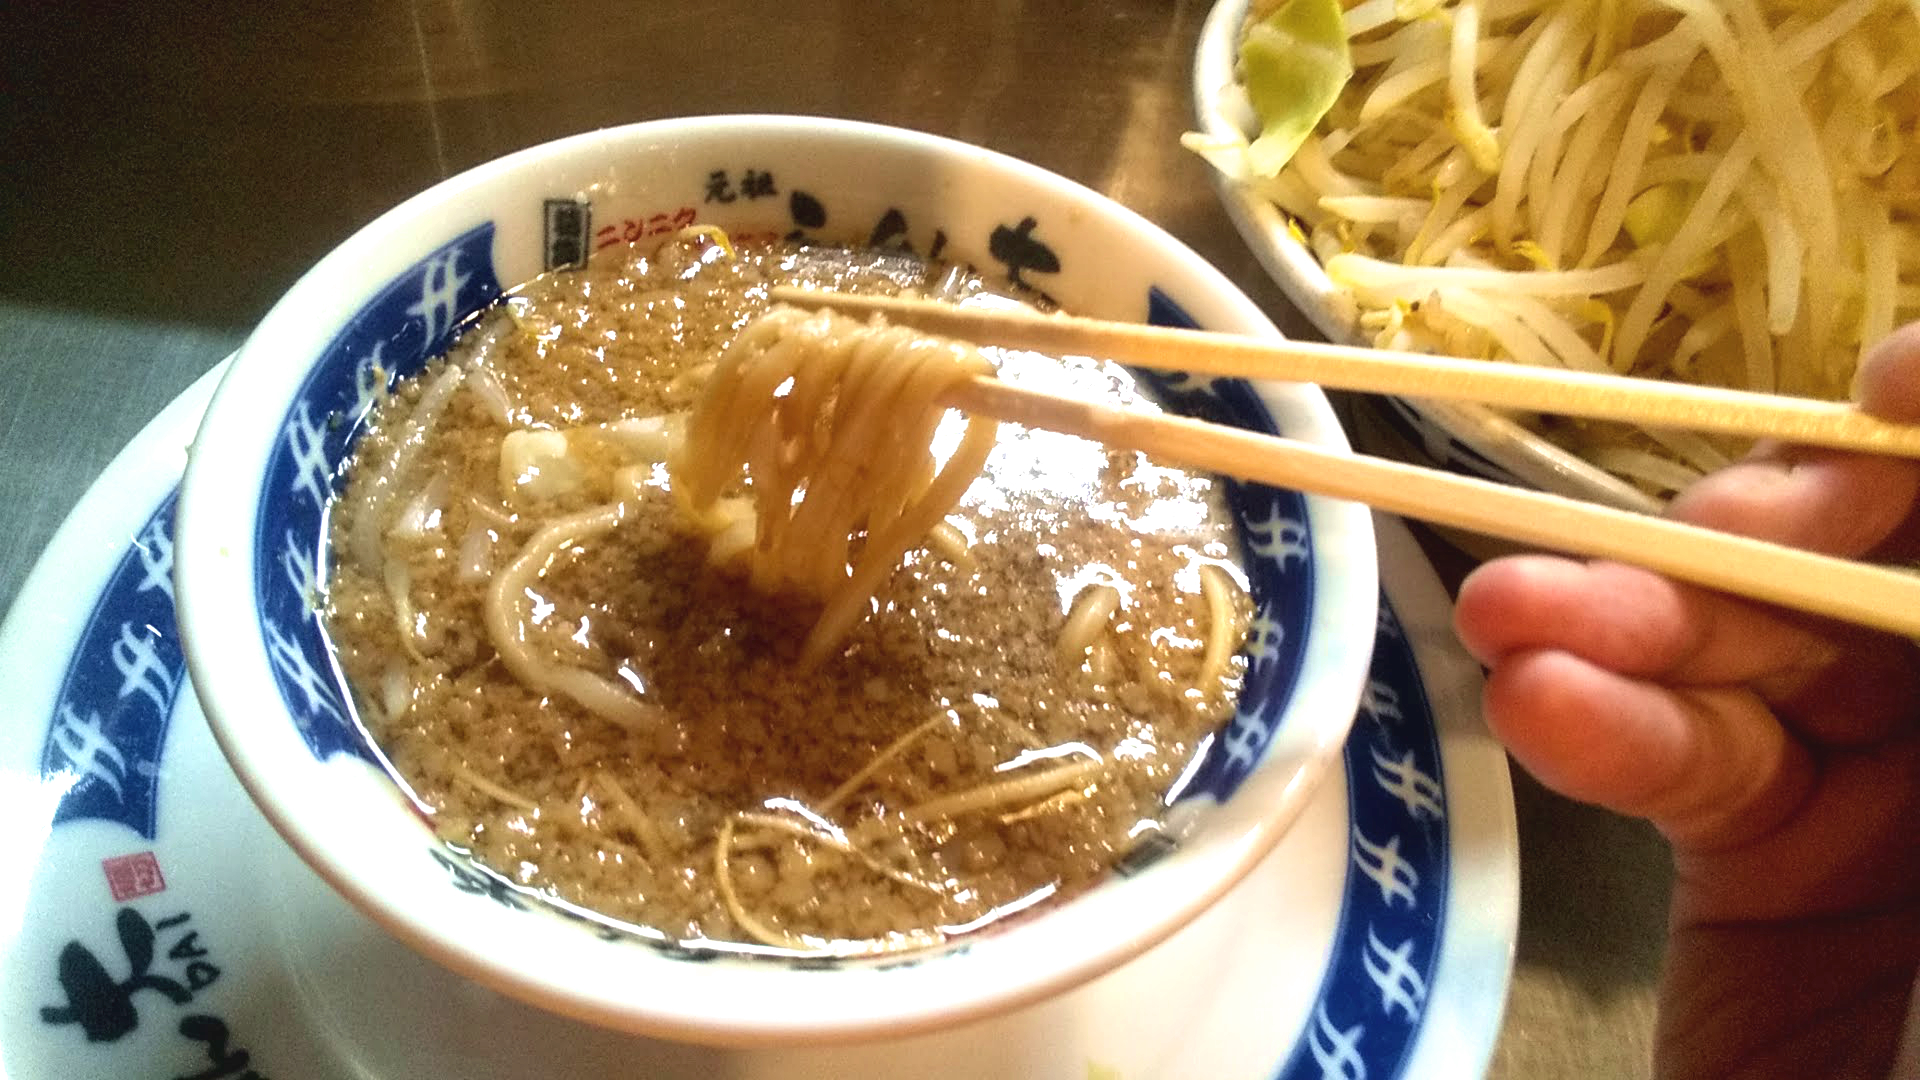 らーめん大本店のつけ麺の麺リフト写真